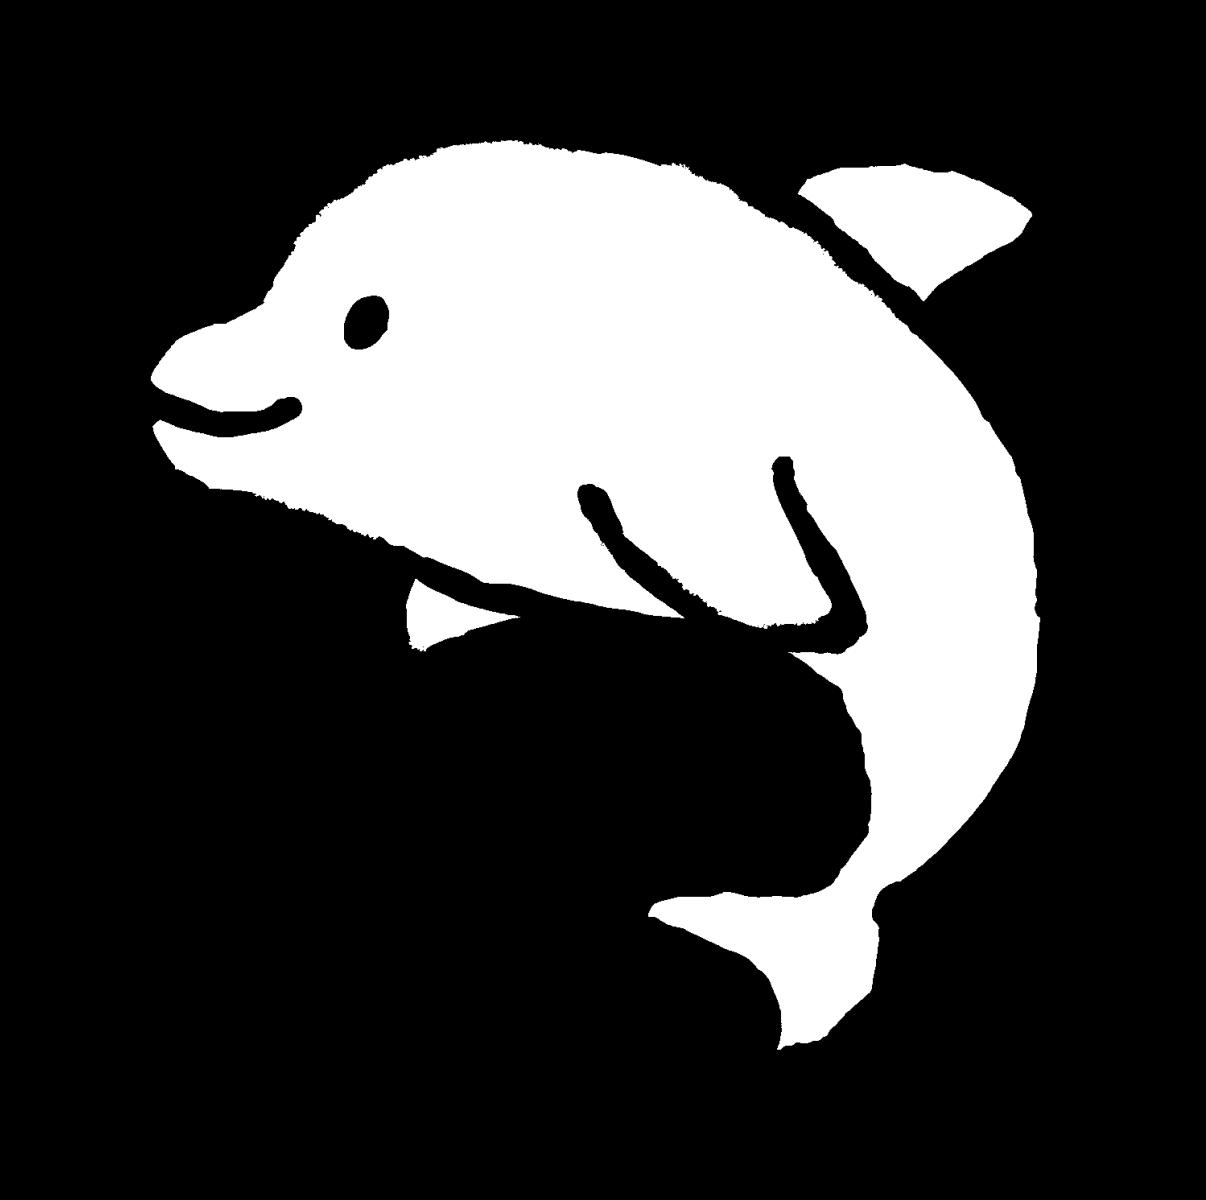 イルカ2のイラスト / Dolphin2 Illustration